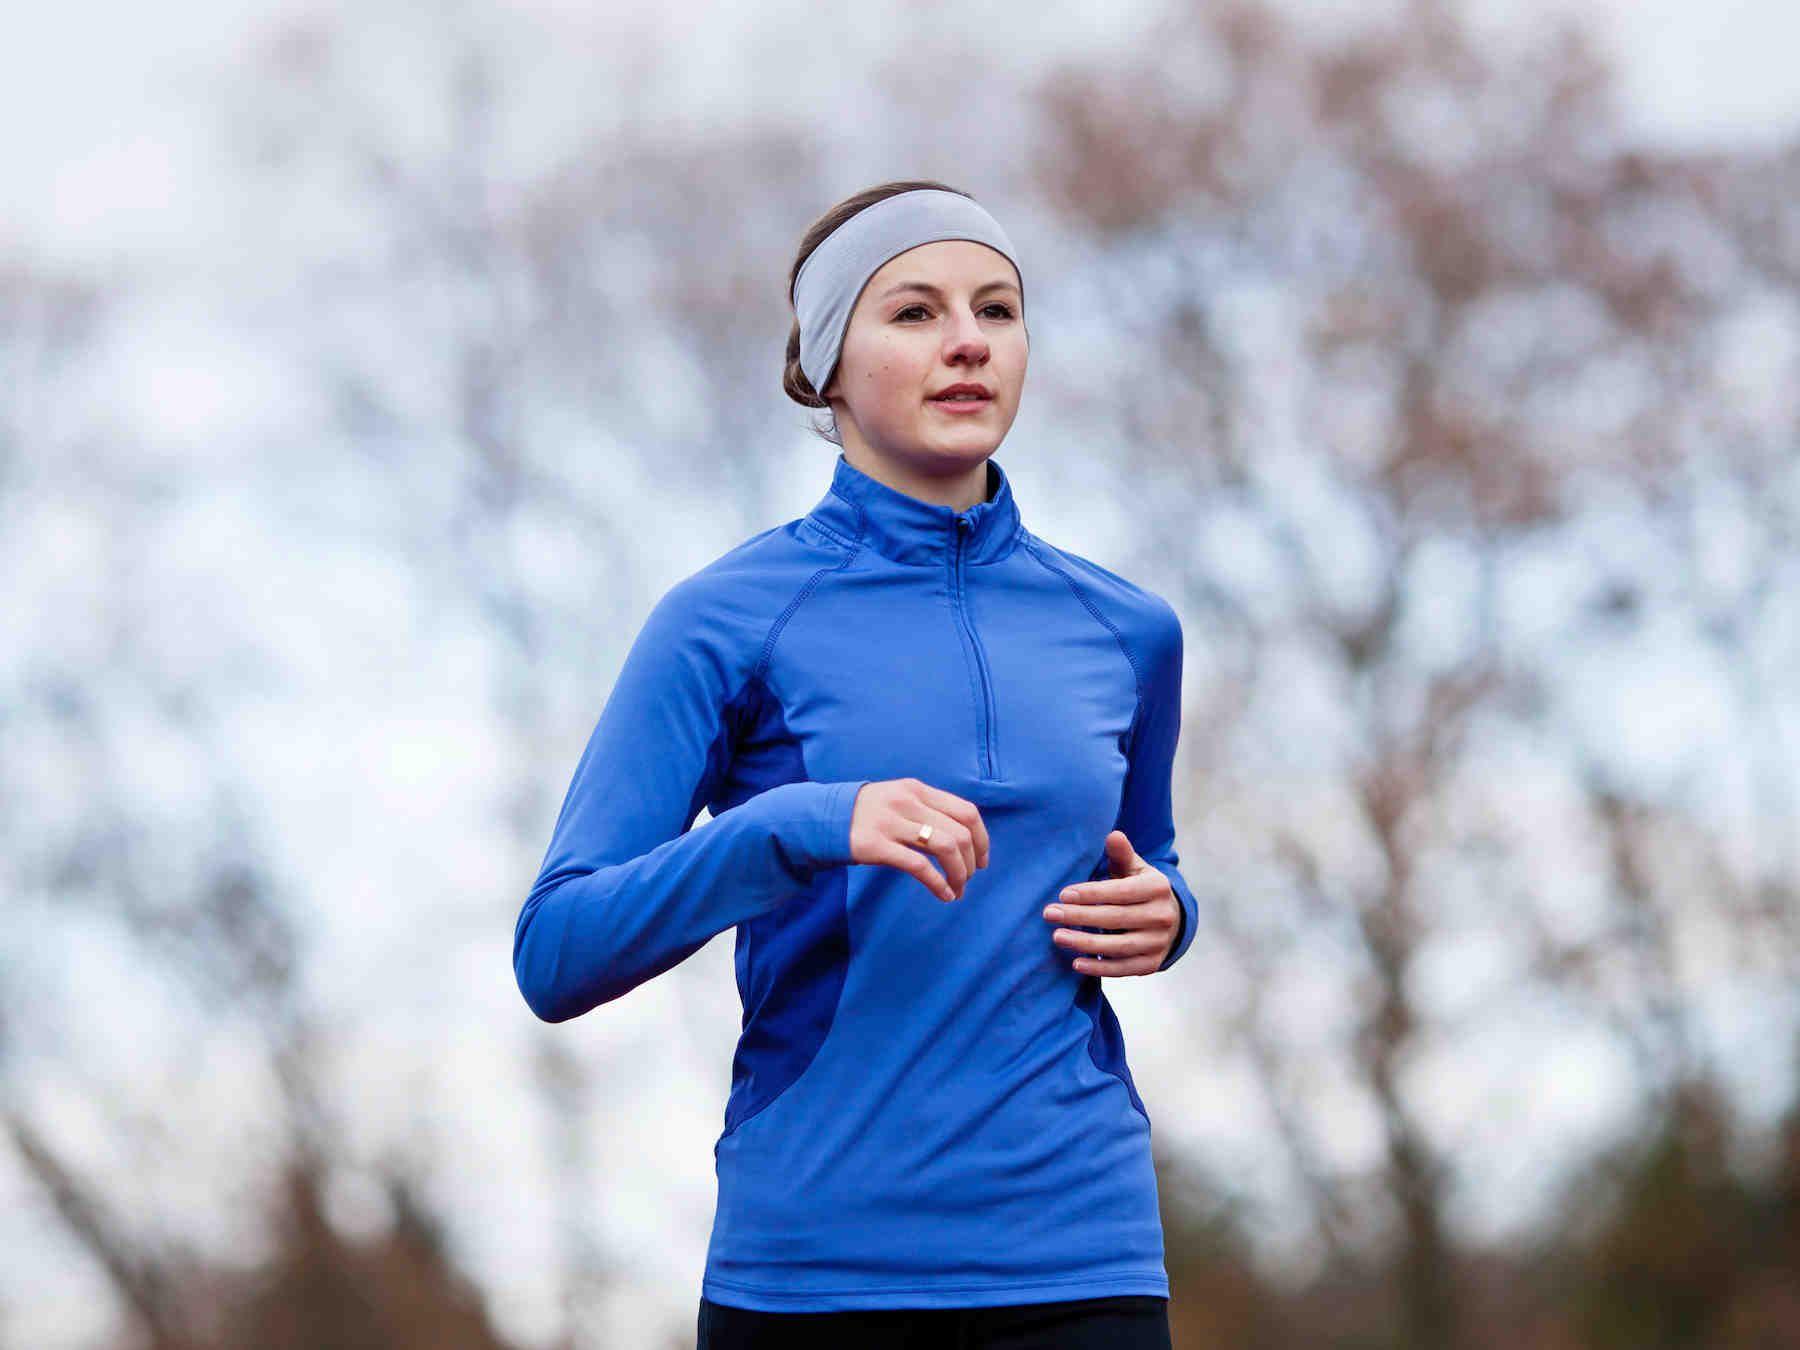 Juoksuharrastus kannattaa aloittaa rauhallisesti. Lenkkeilyn nautinto pysyy yllä oikean juoksuasennon ja -tekniikan avulla. Kumosimme neljä juoksumyyttiä ja...